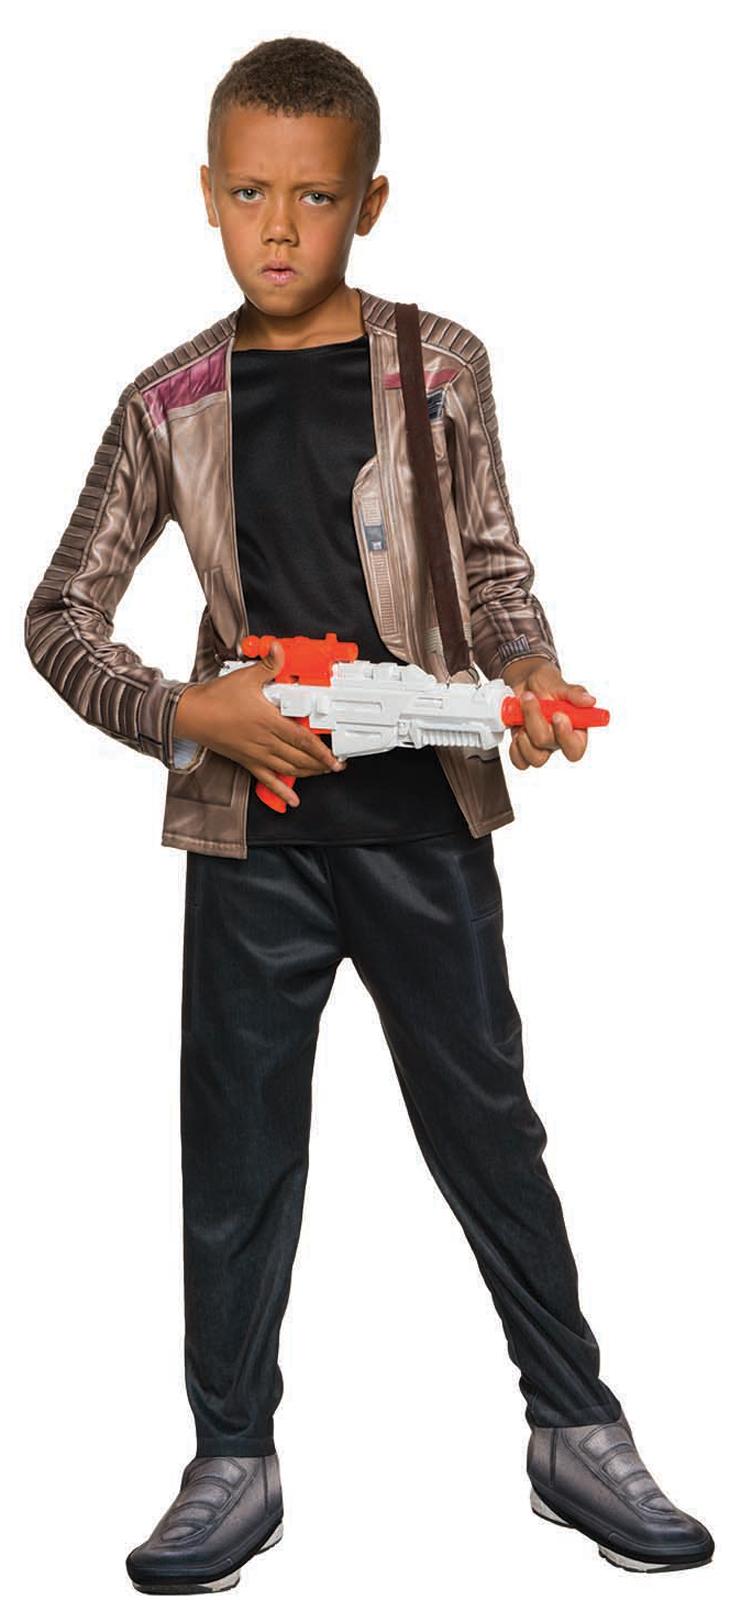 star wars the force awakens boys deluxe finn costume